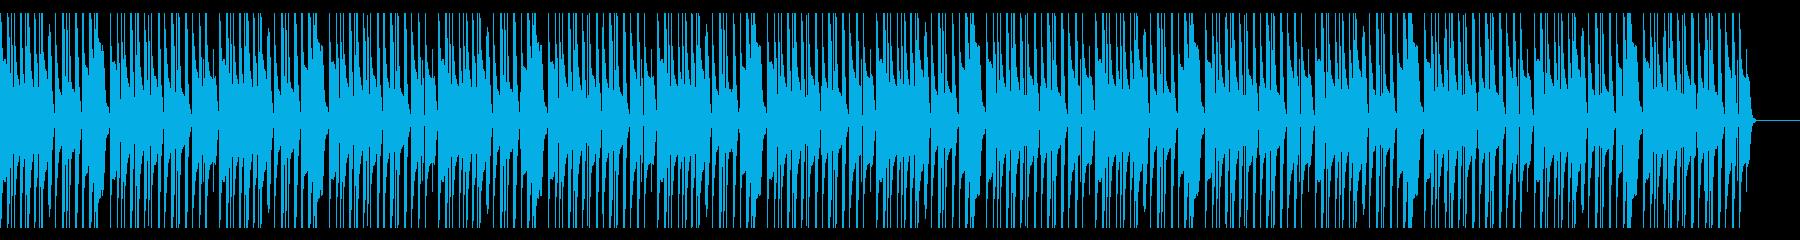 ほのぼのとしたマリンバBGMの再生済みの波形